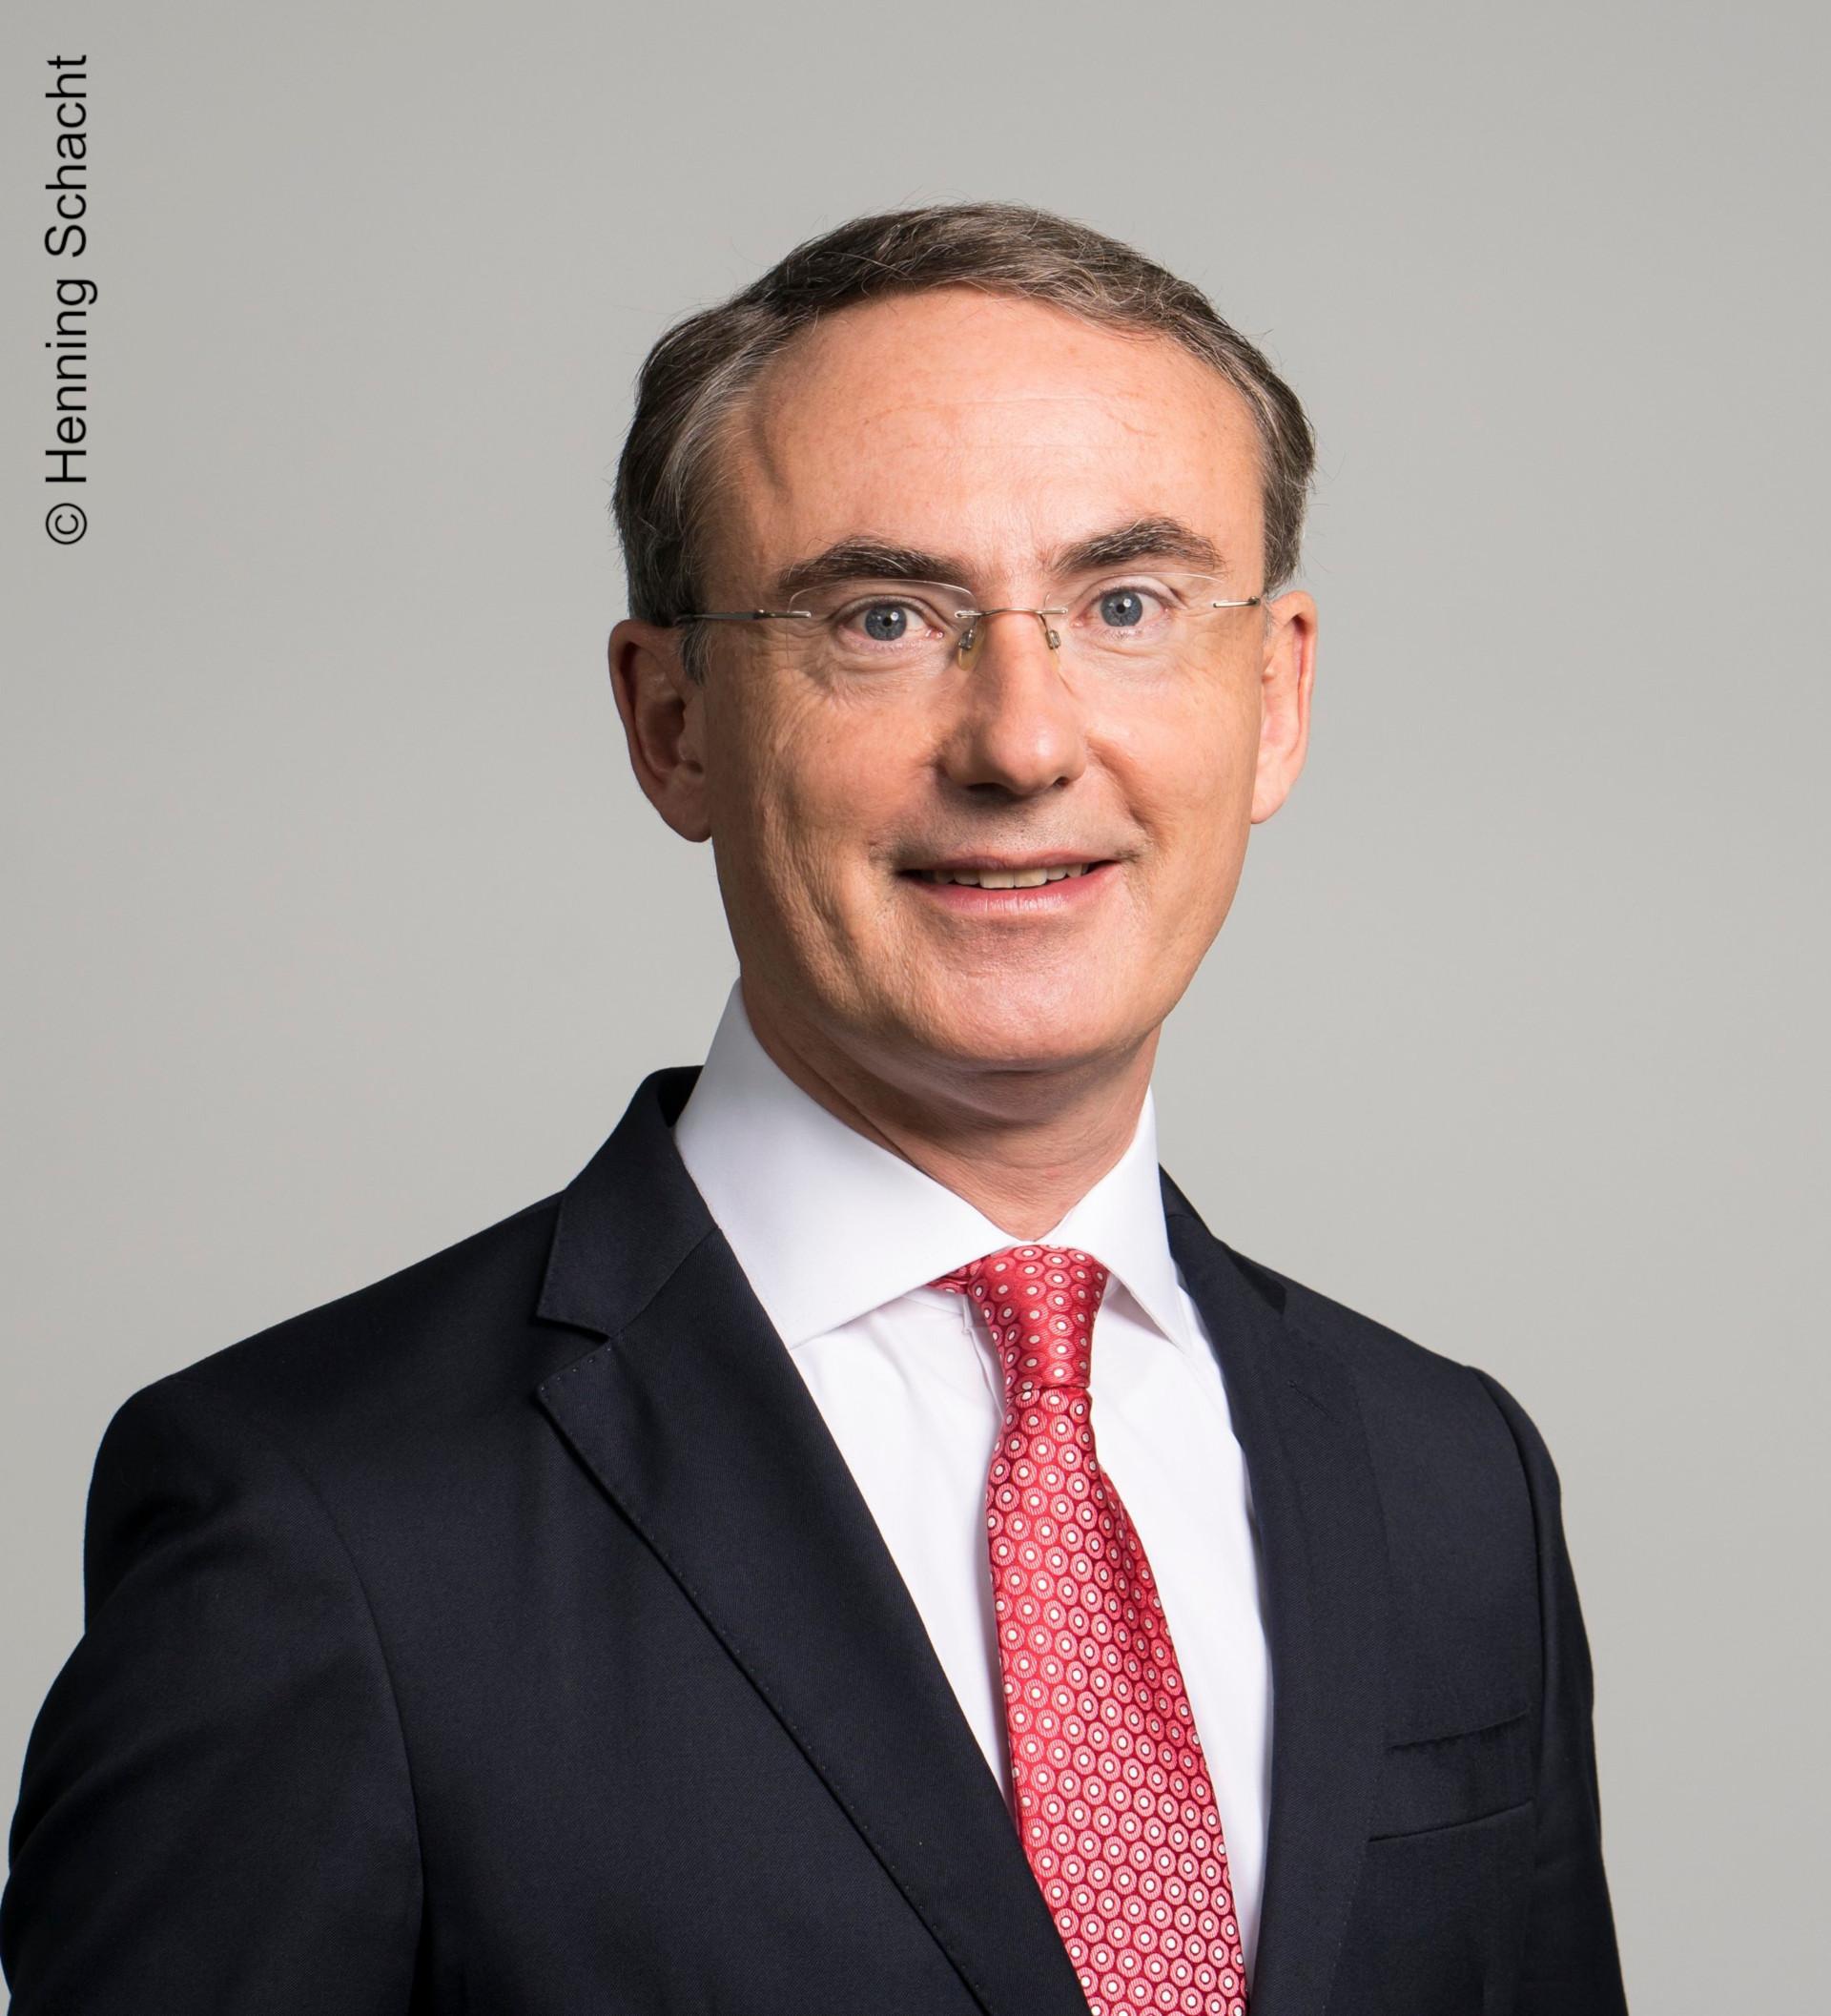 prof-straub